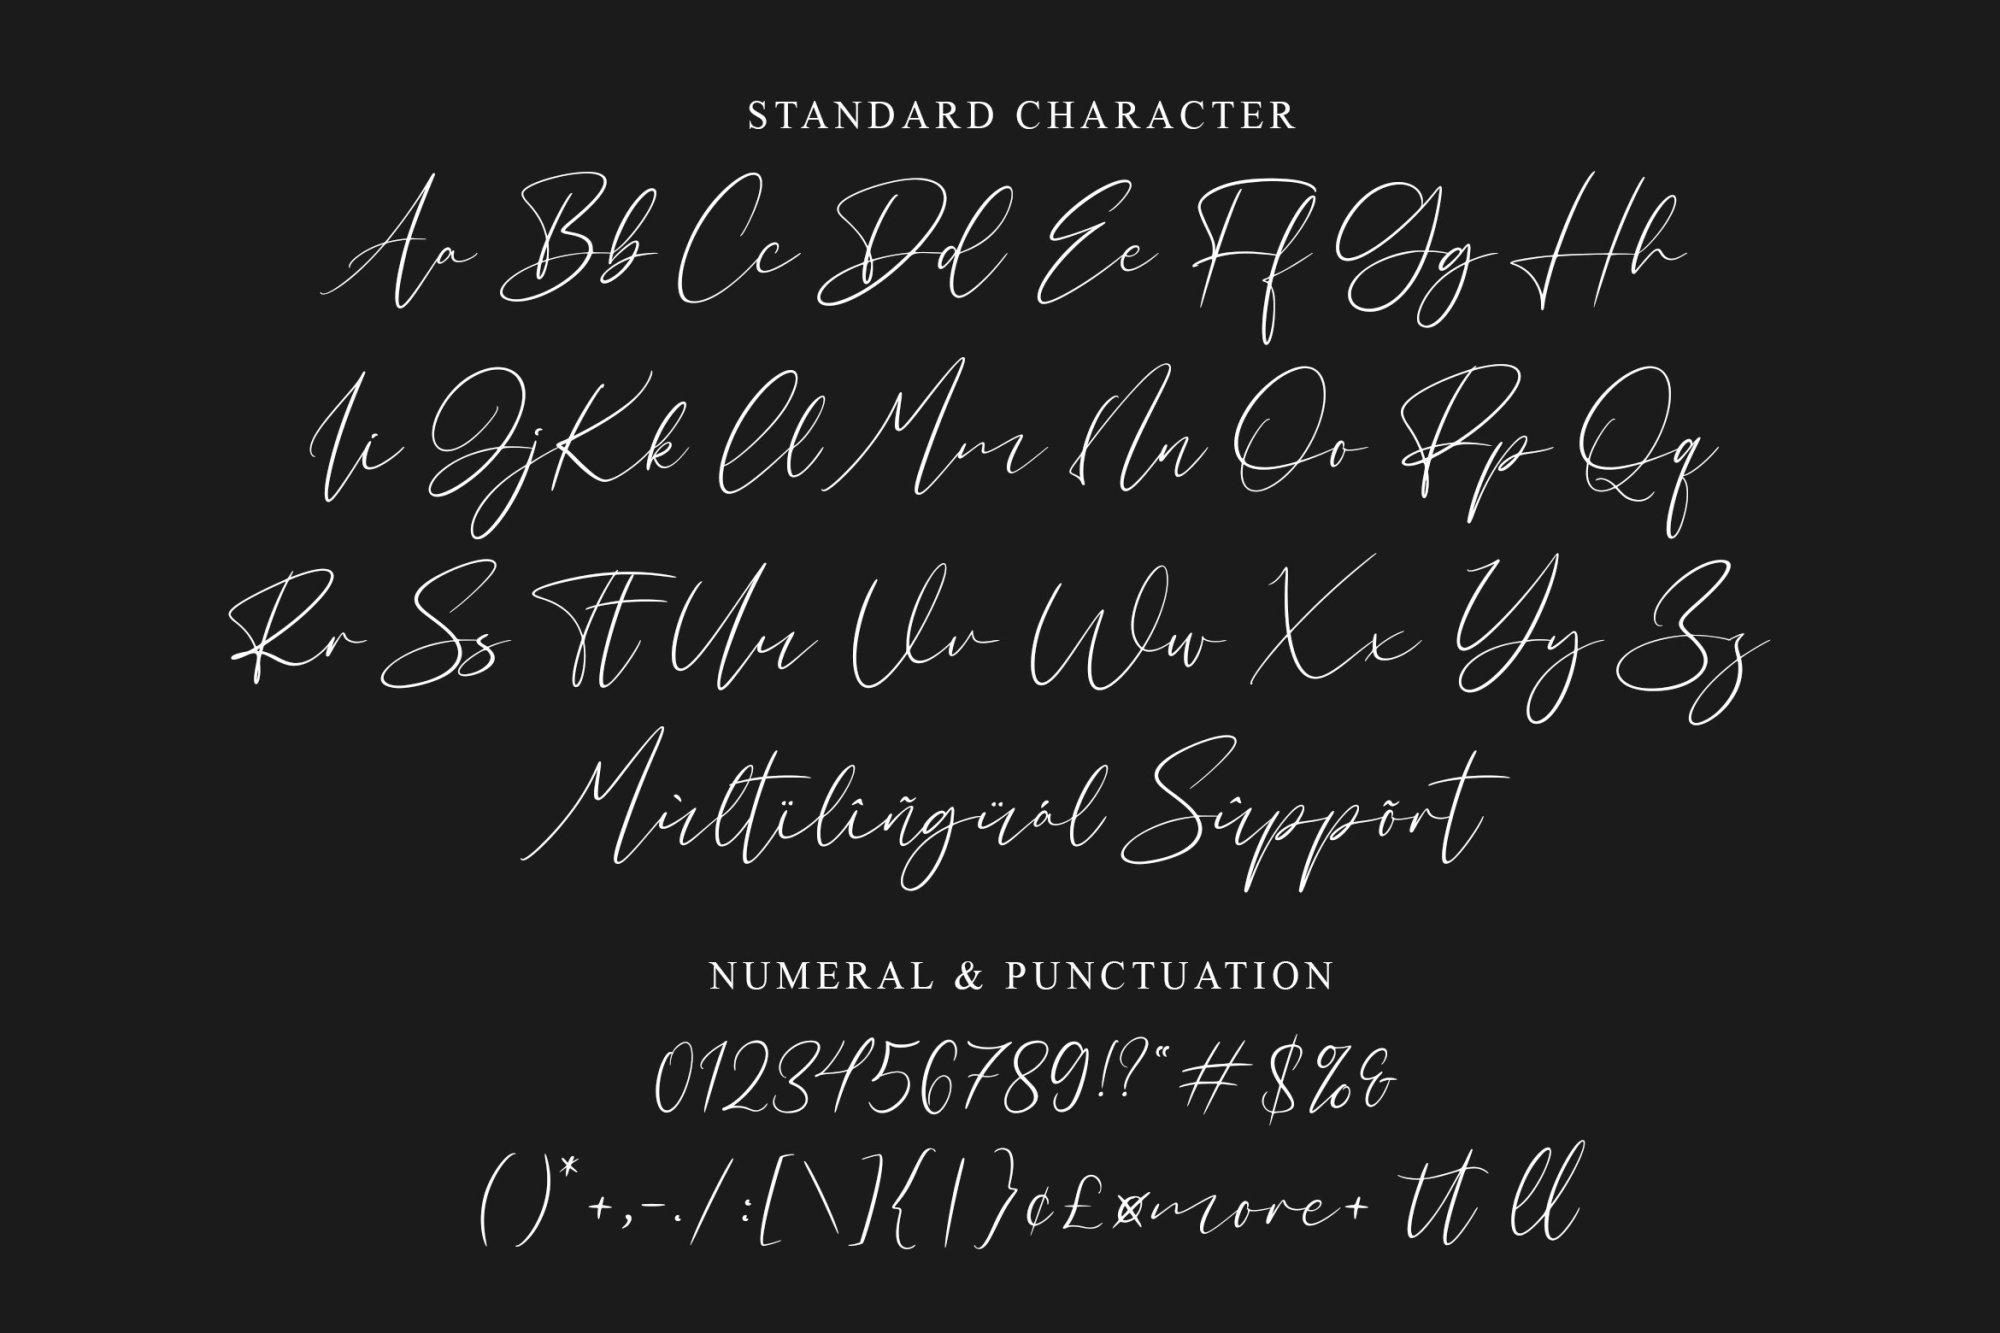 Rellyan-Charlotte-Handwritten-Signature-Font-3